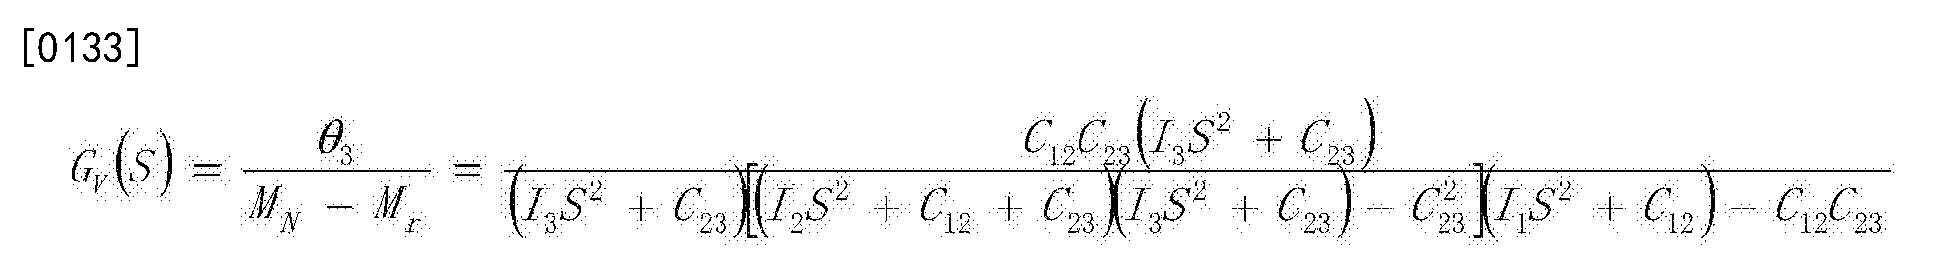 Figure CN106545327BD00122